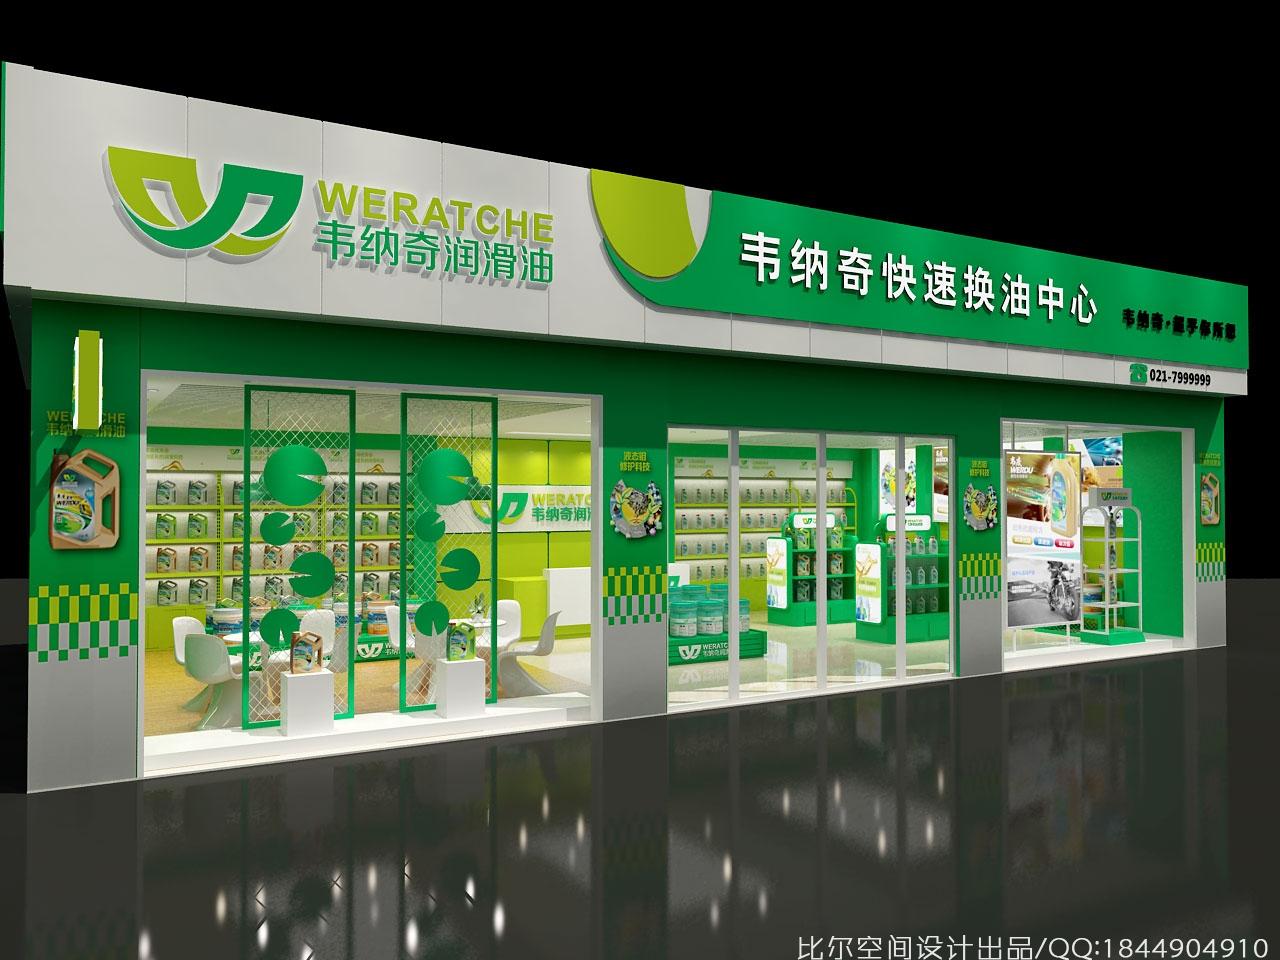 伟纳奇润滑油终端SI店铺设计